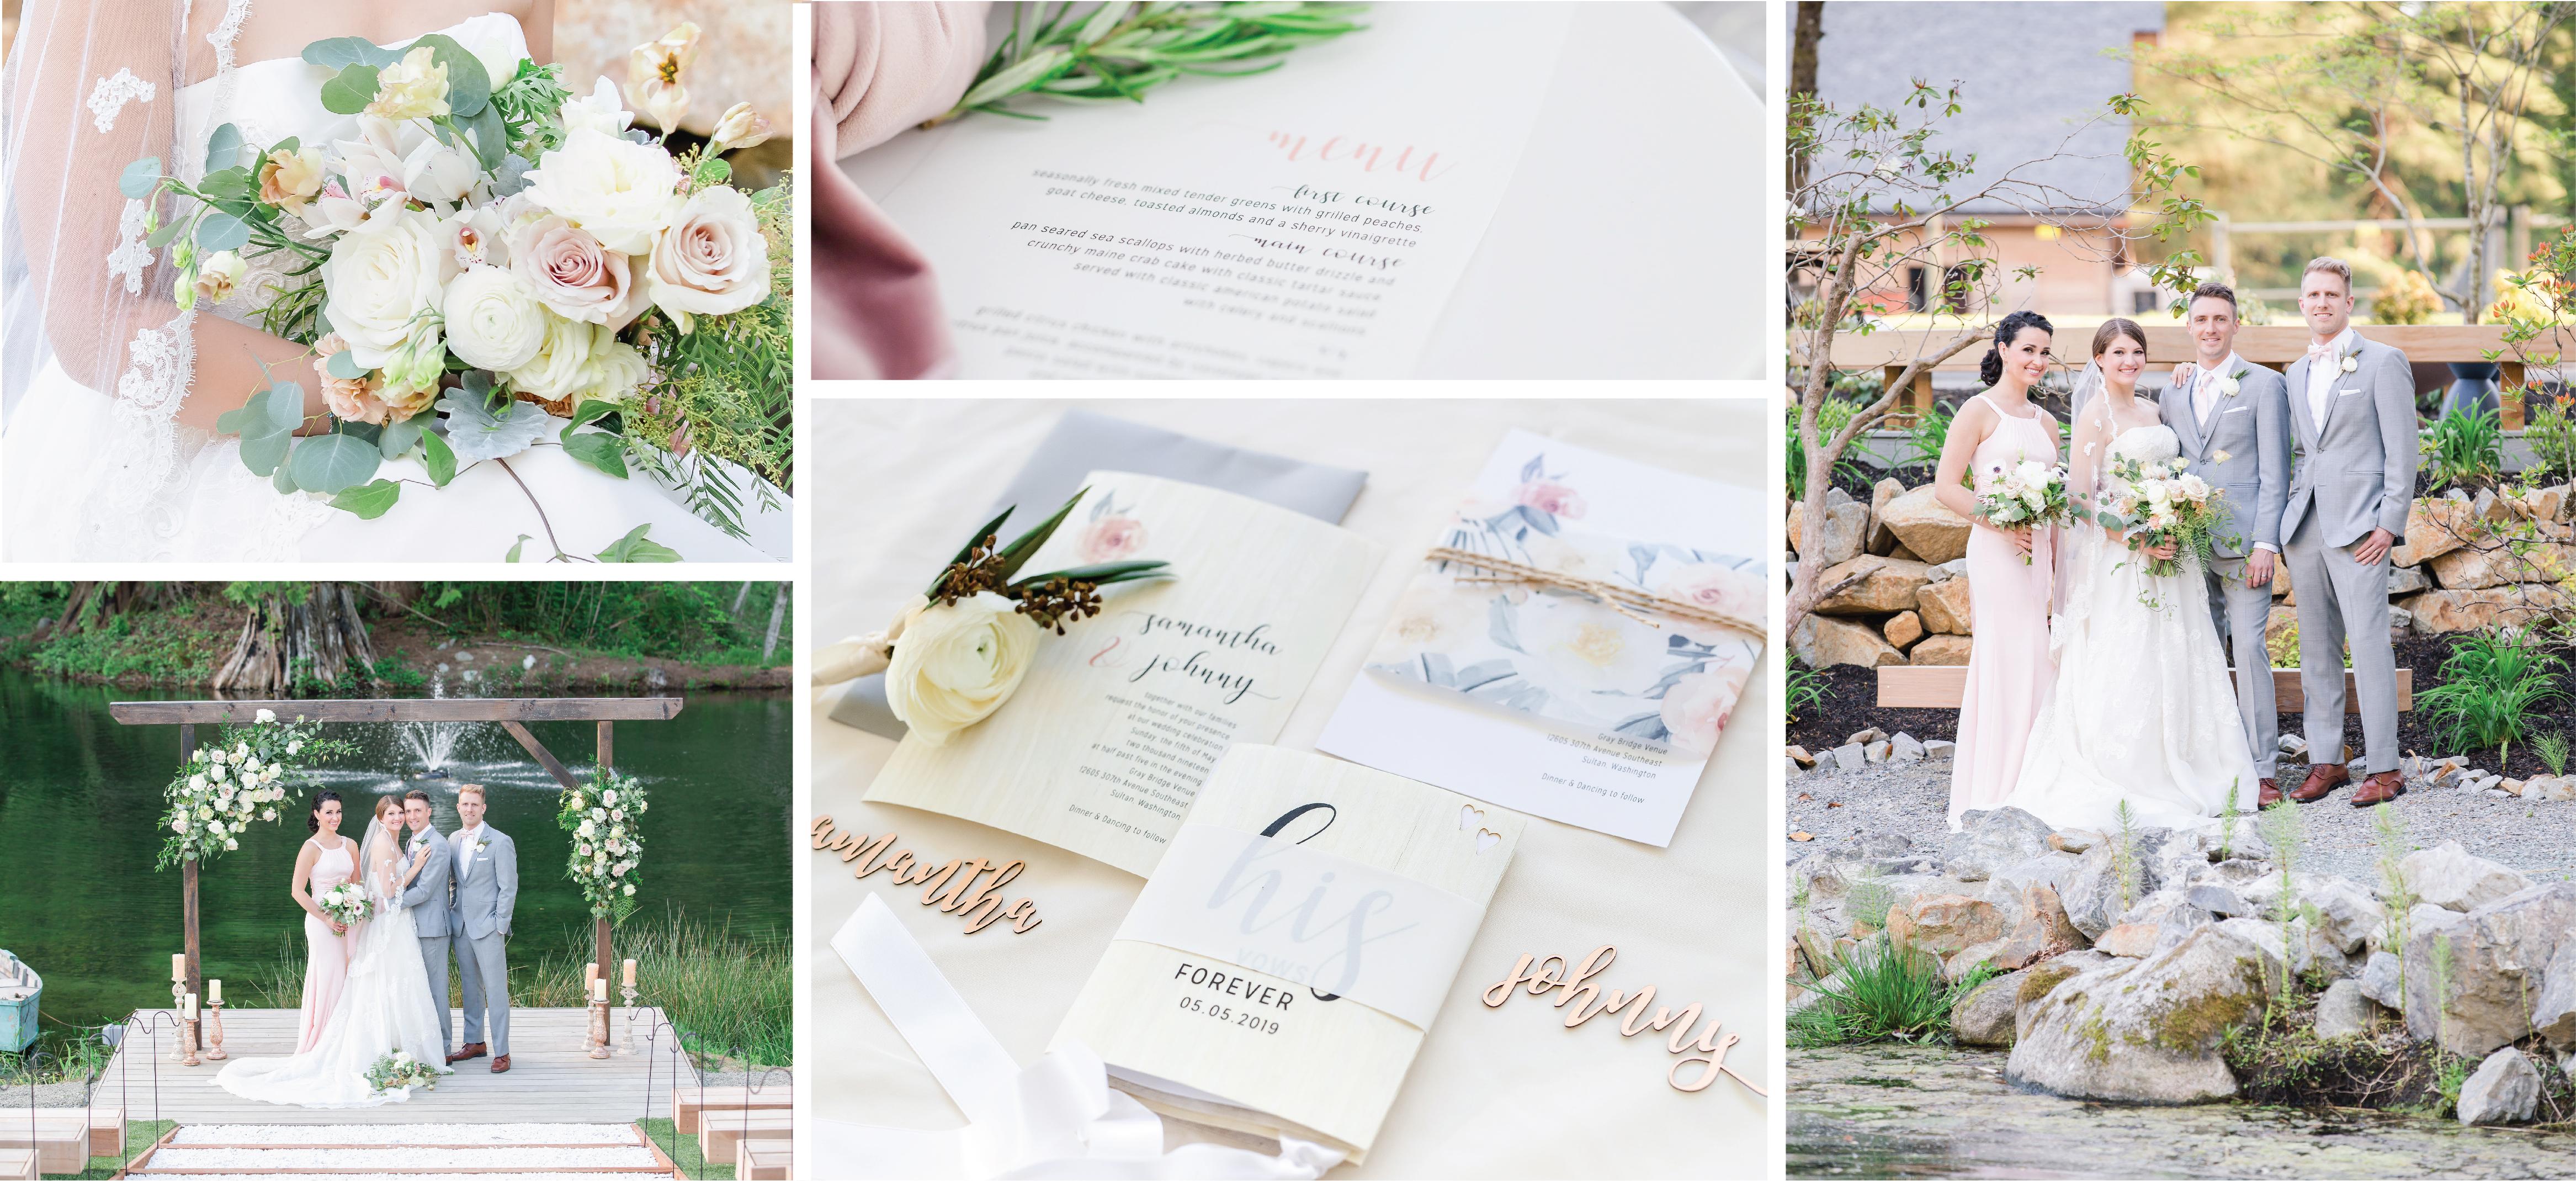 Citlali Creativo Invitations For Weddings Quinceañeras